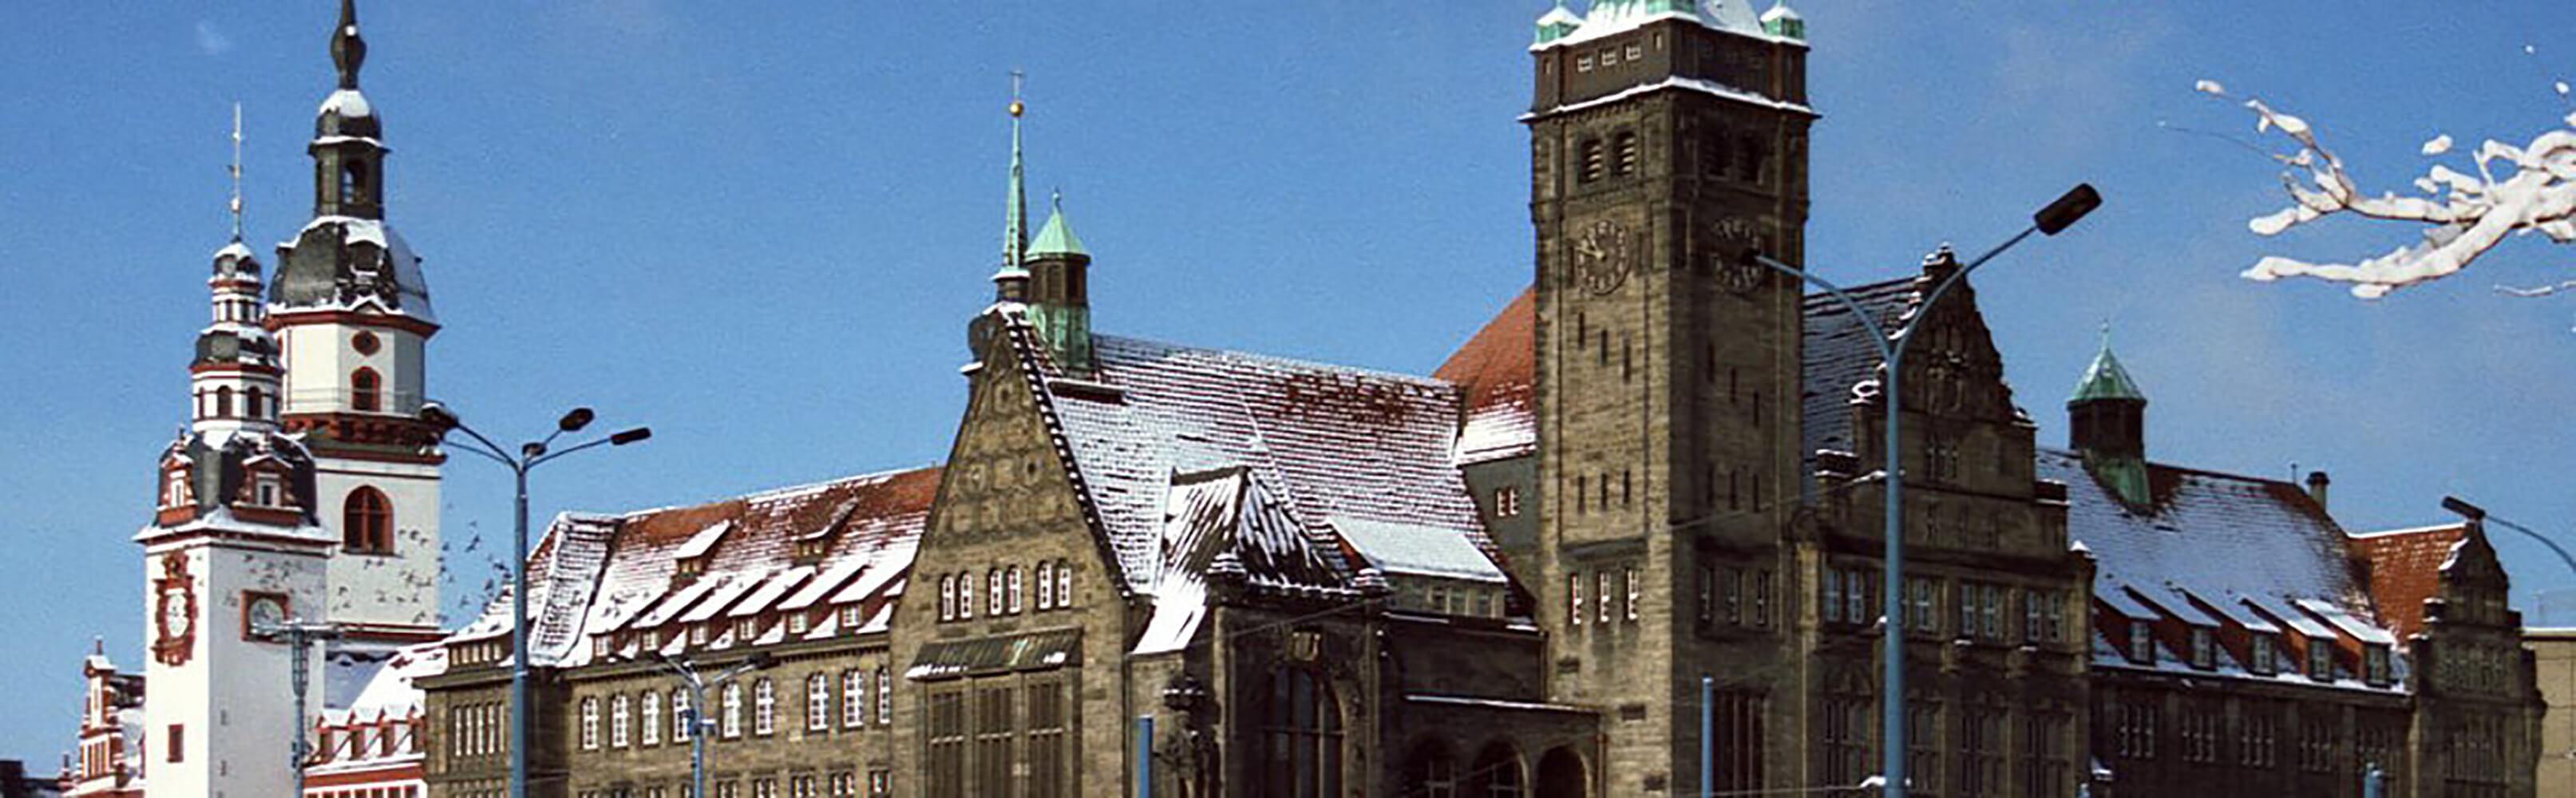 Altes Rathaus Chemnitz 1